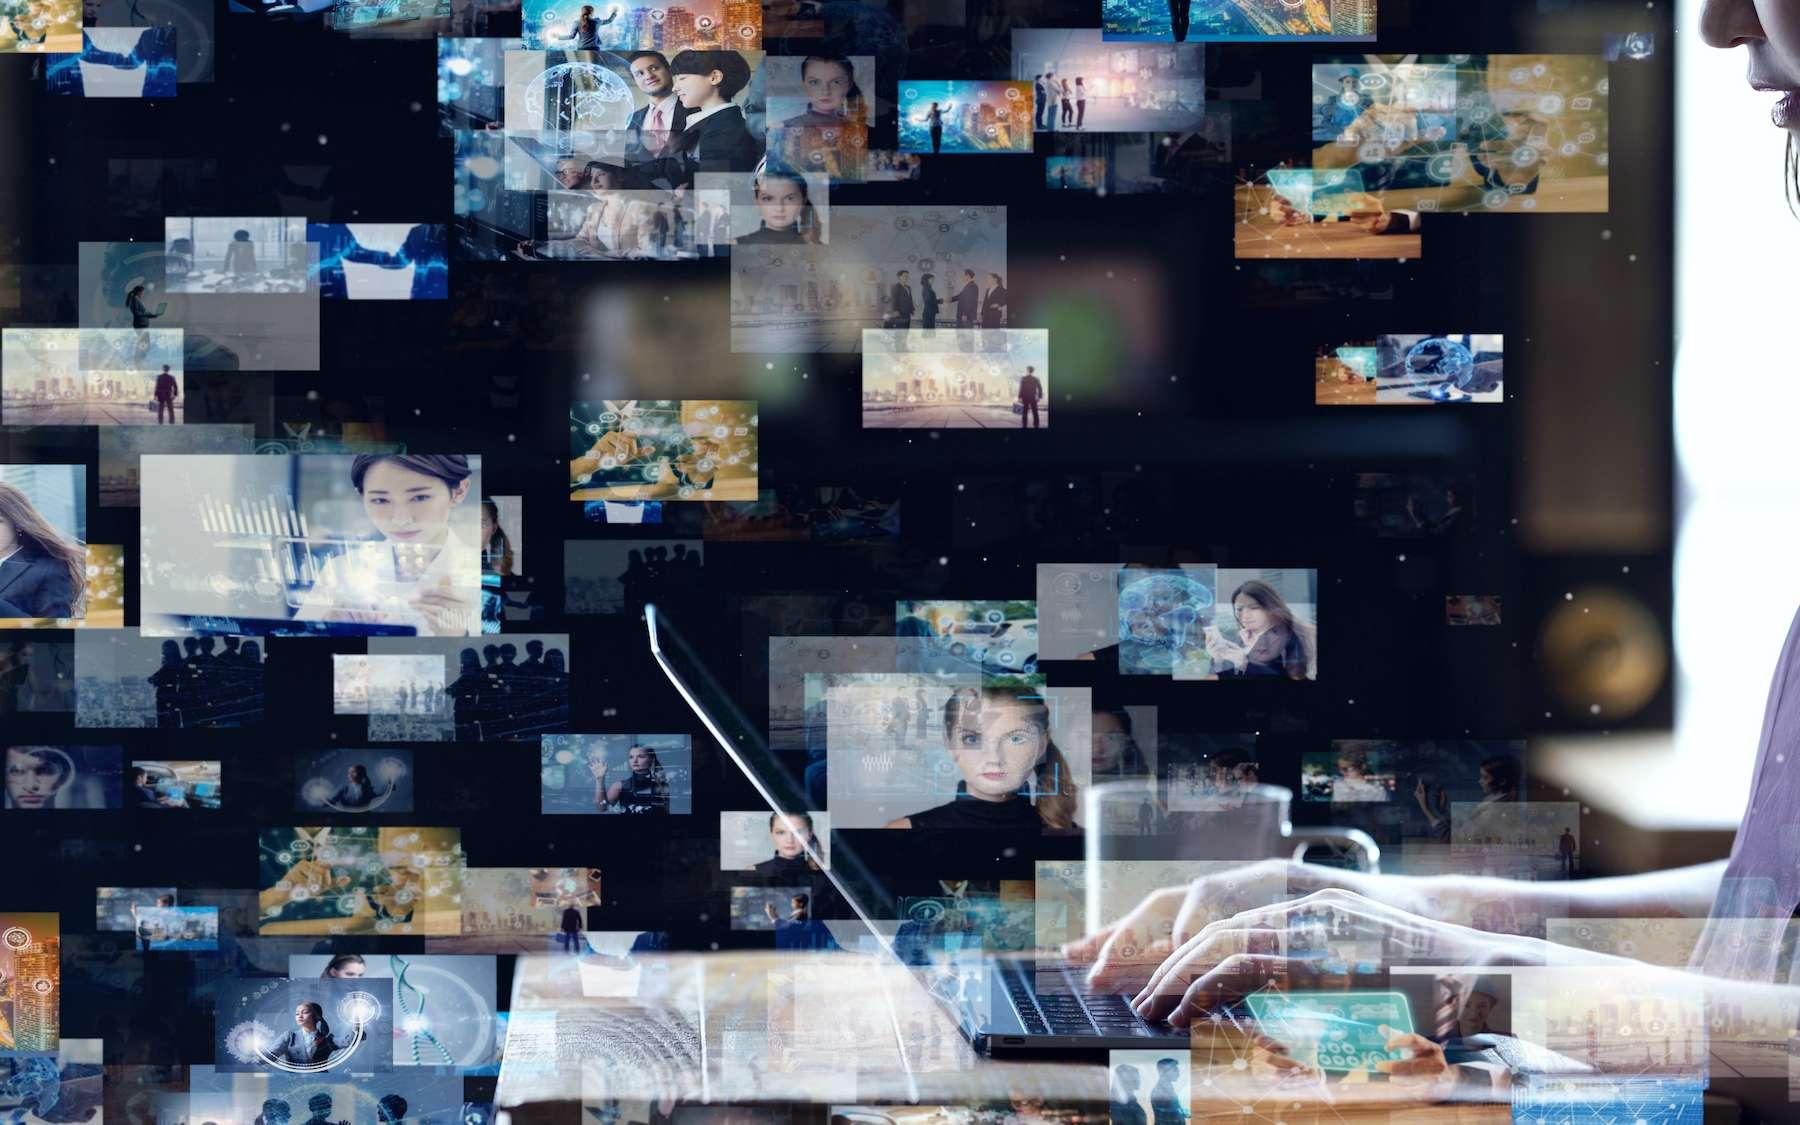 Une photo truquée est reconnaissable surtout par son contexte et sa source. © metamorworks, Adobe Stock